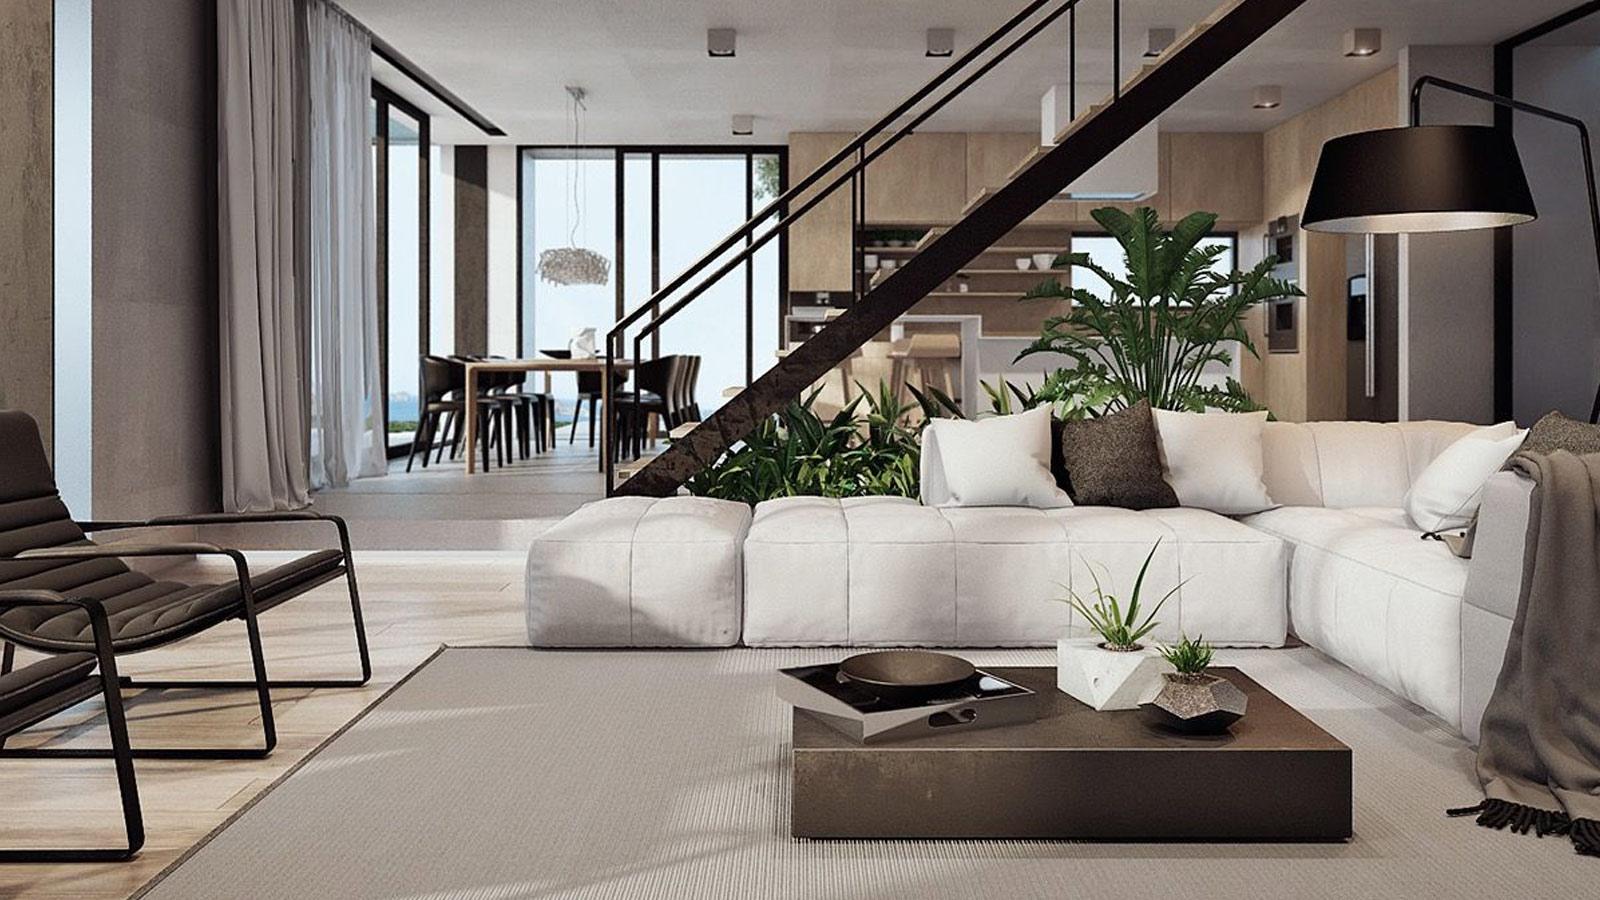 طراحی داخلی مدرن یا کلاسیک کدام مناسب تر است؟